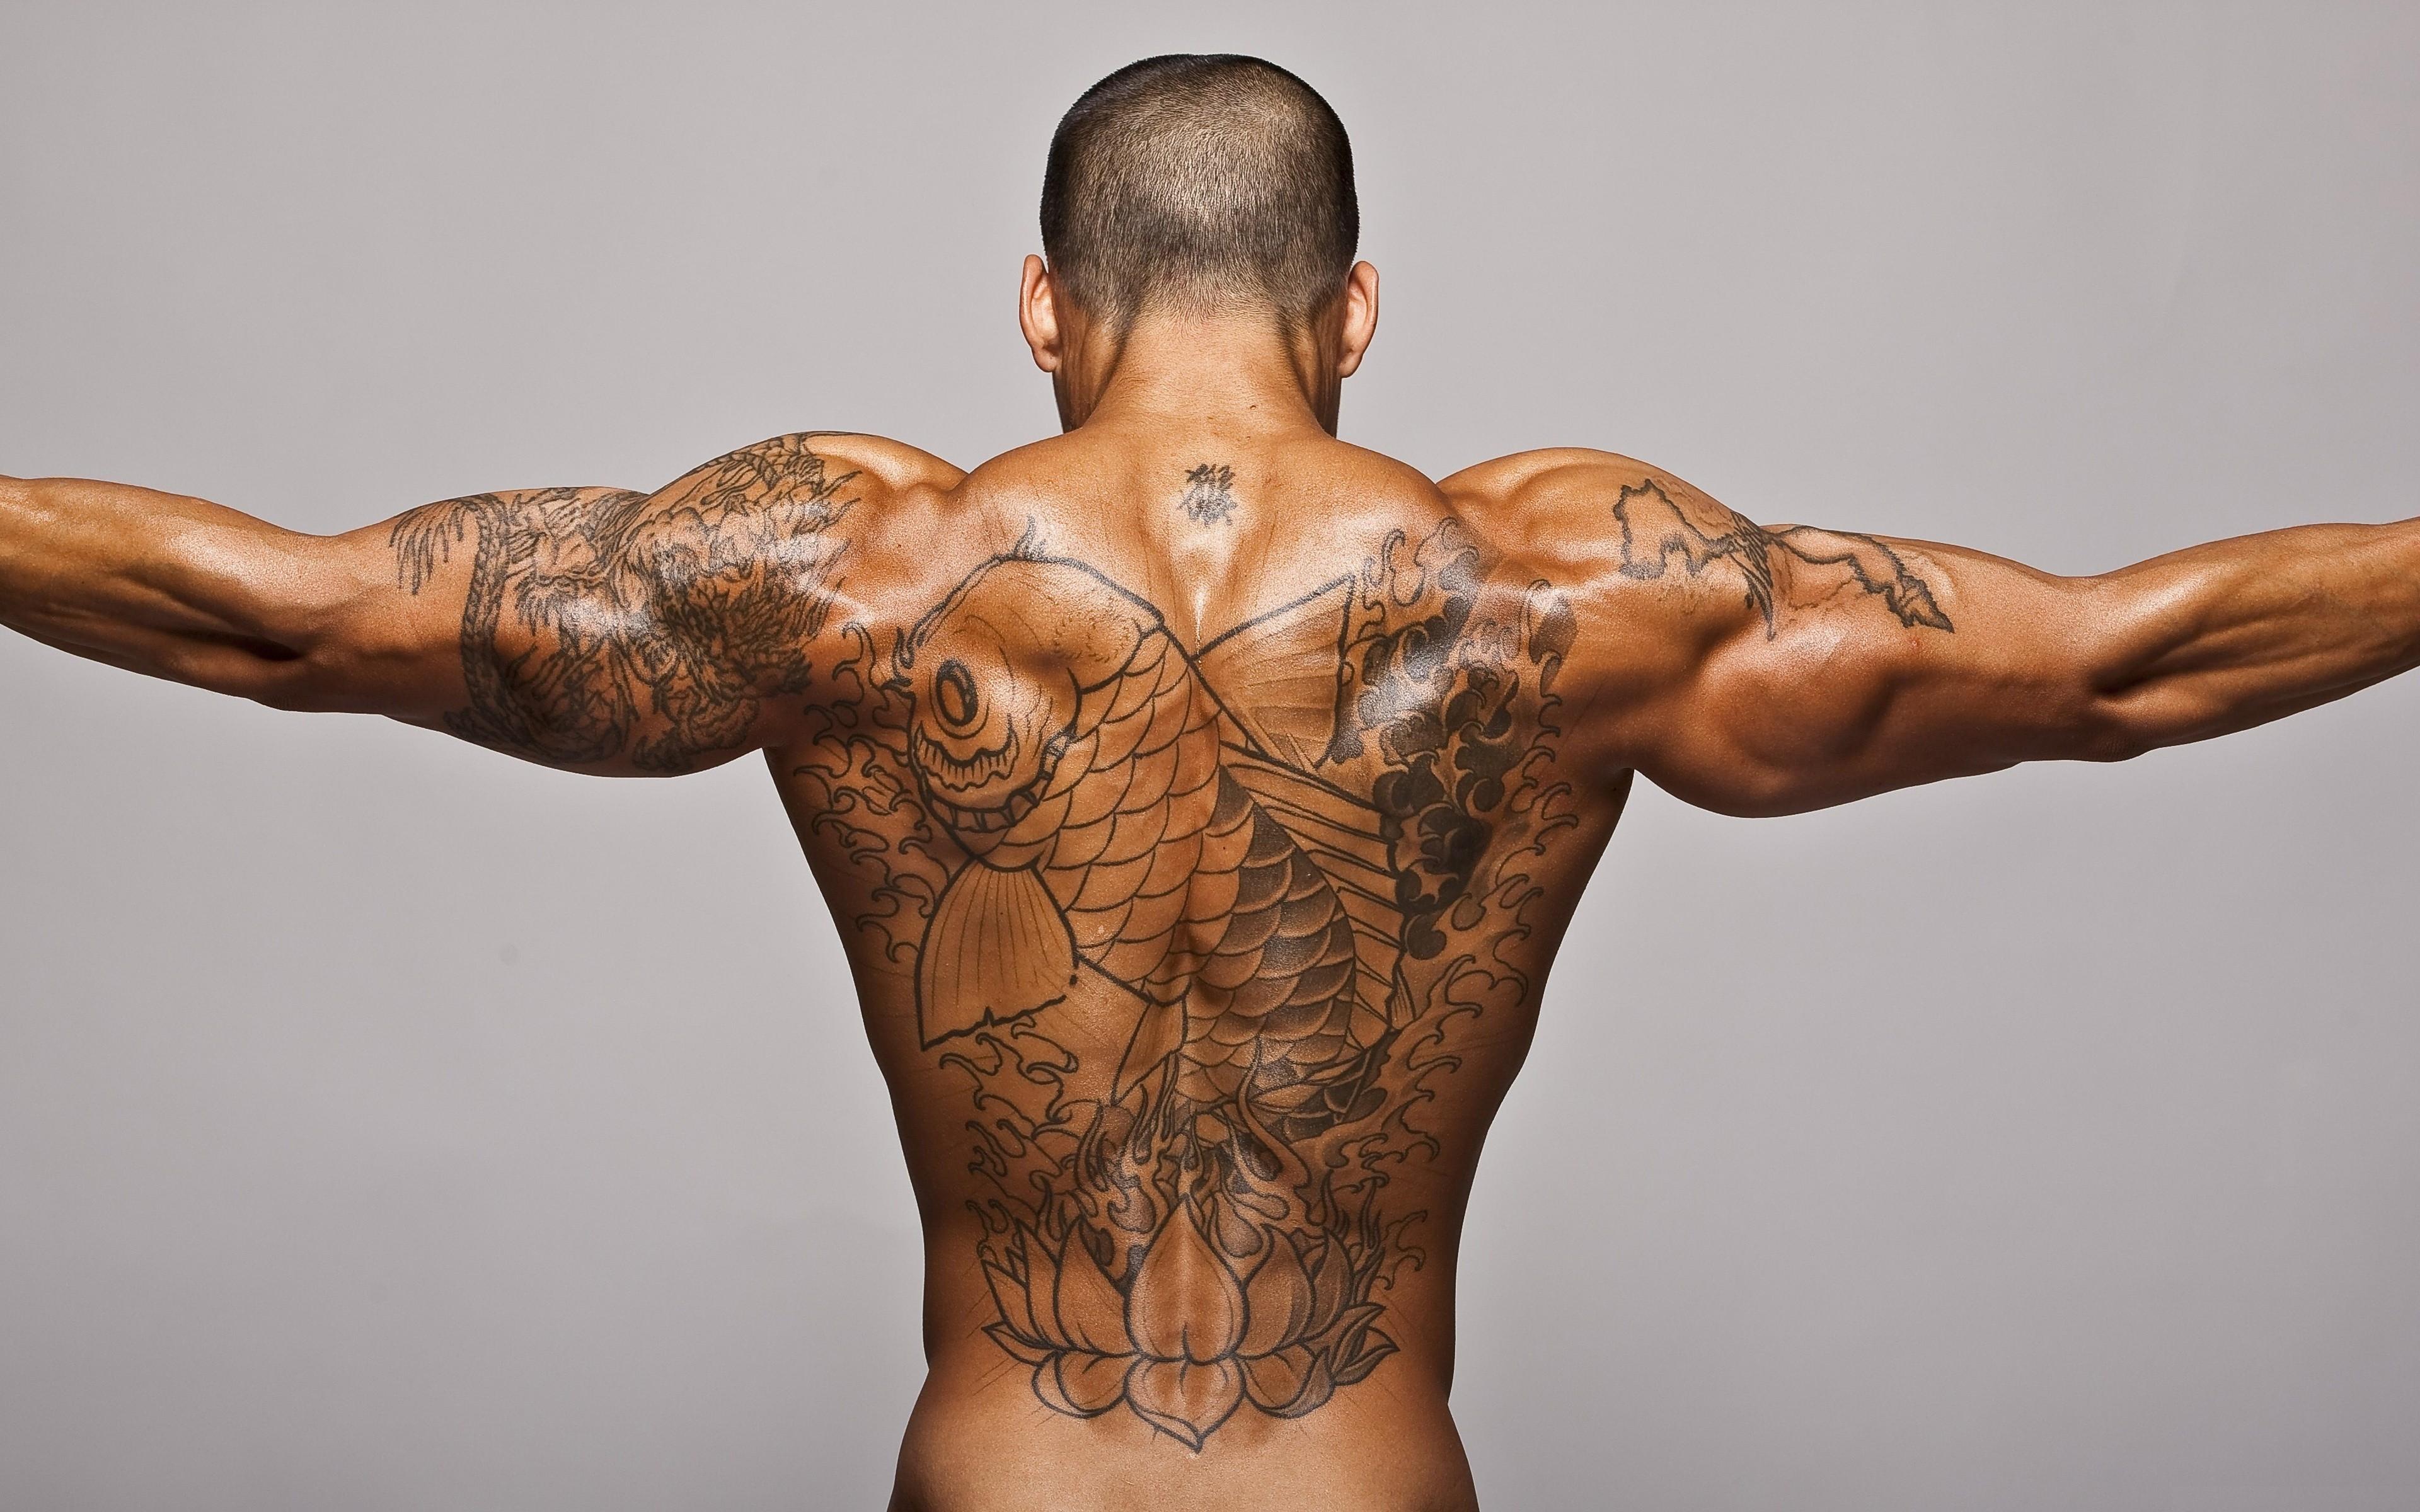 Tatuaje de pez en la espalda - 3840x2400